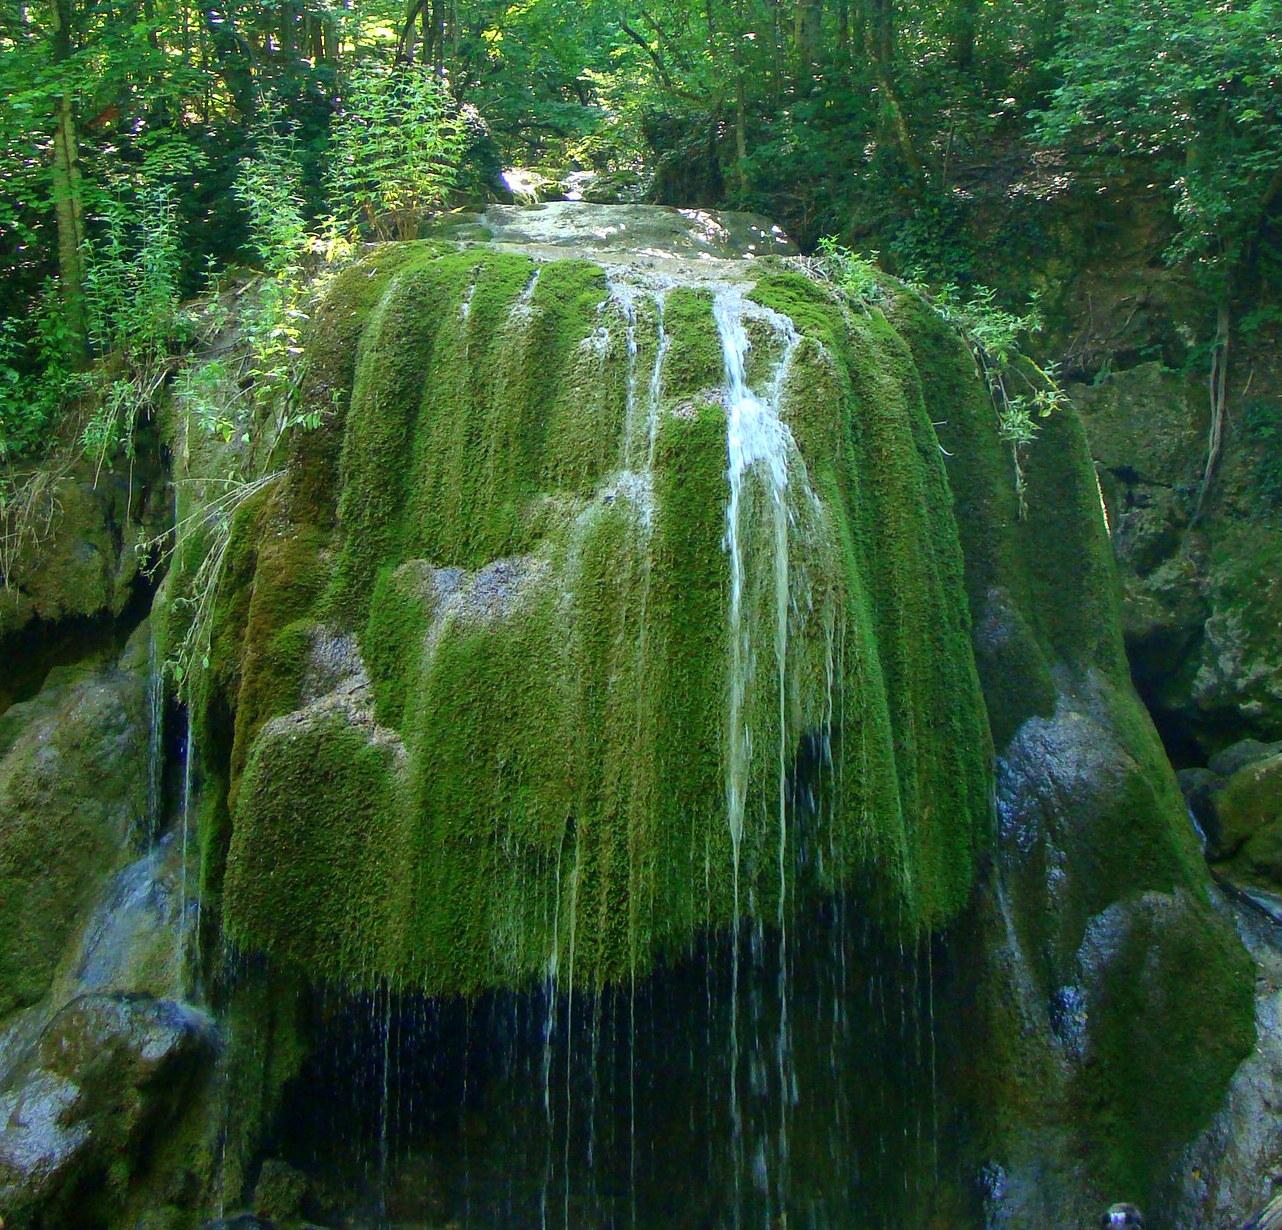 Водопад Серебряные струи, до его разрушения.